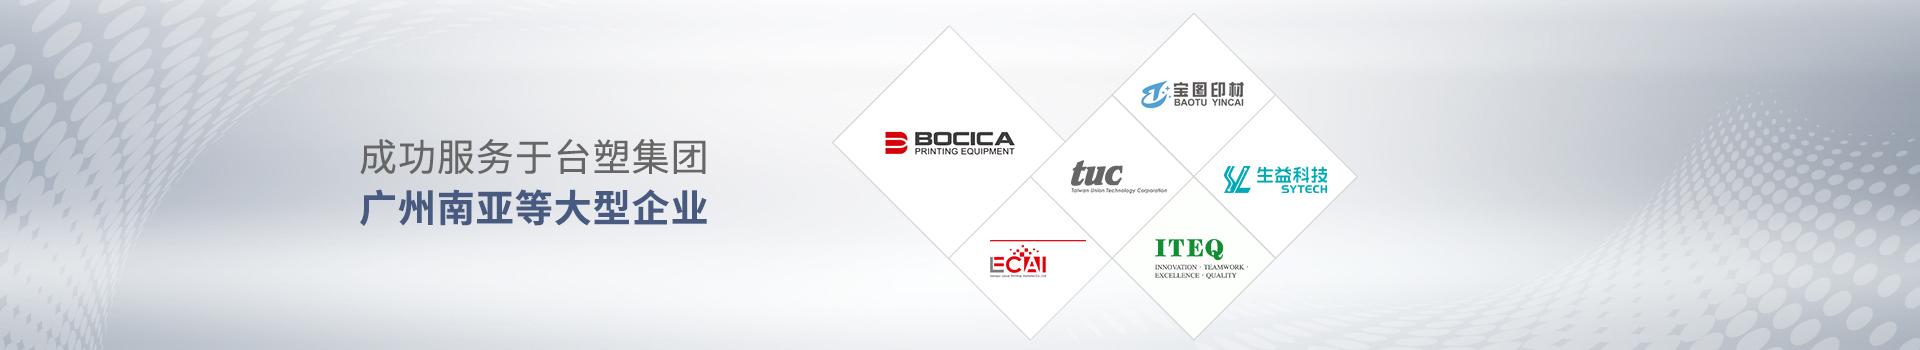 惠力生成功服务于台塑集团、广州南亚等大型企业